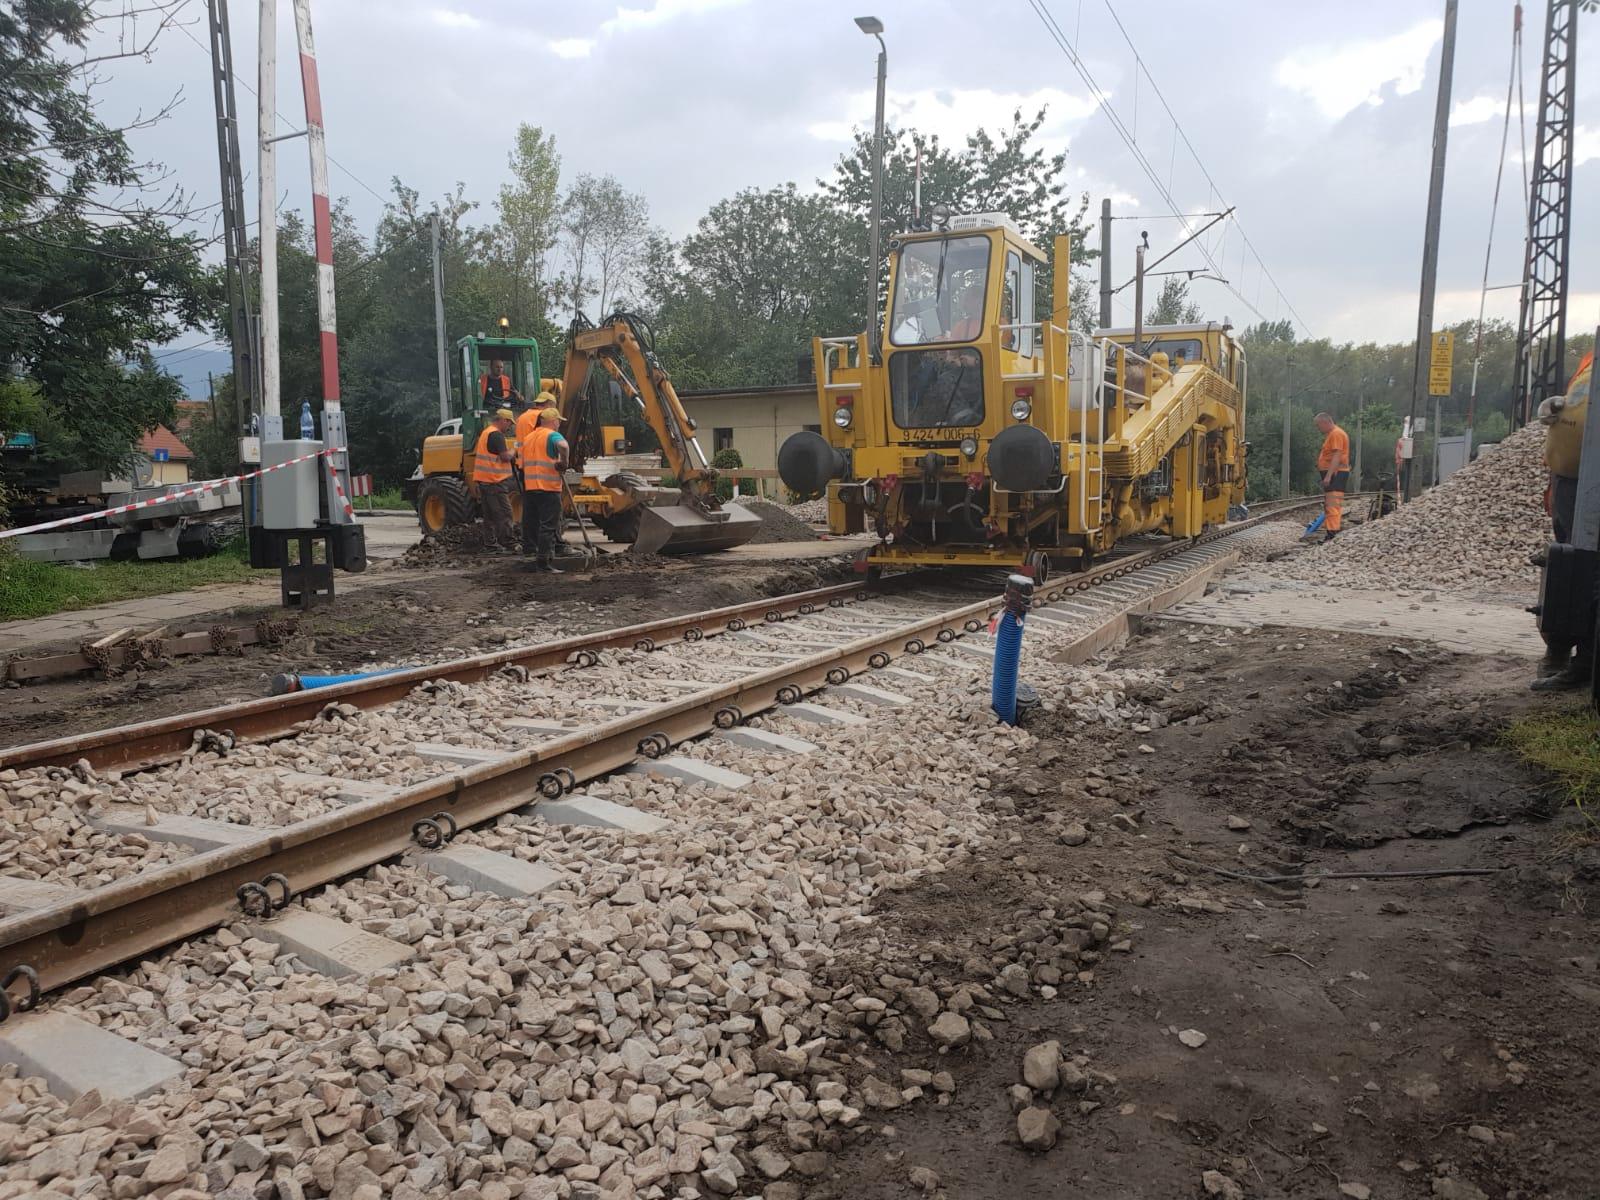 Kończą remont przejazdów w Andrychowie, od poniedziałku zamknięty przejazd w Kętach Podlesiu [FOTO]